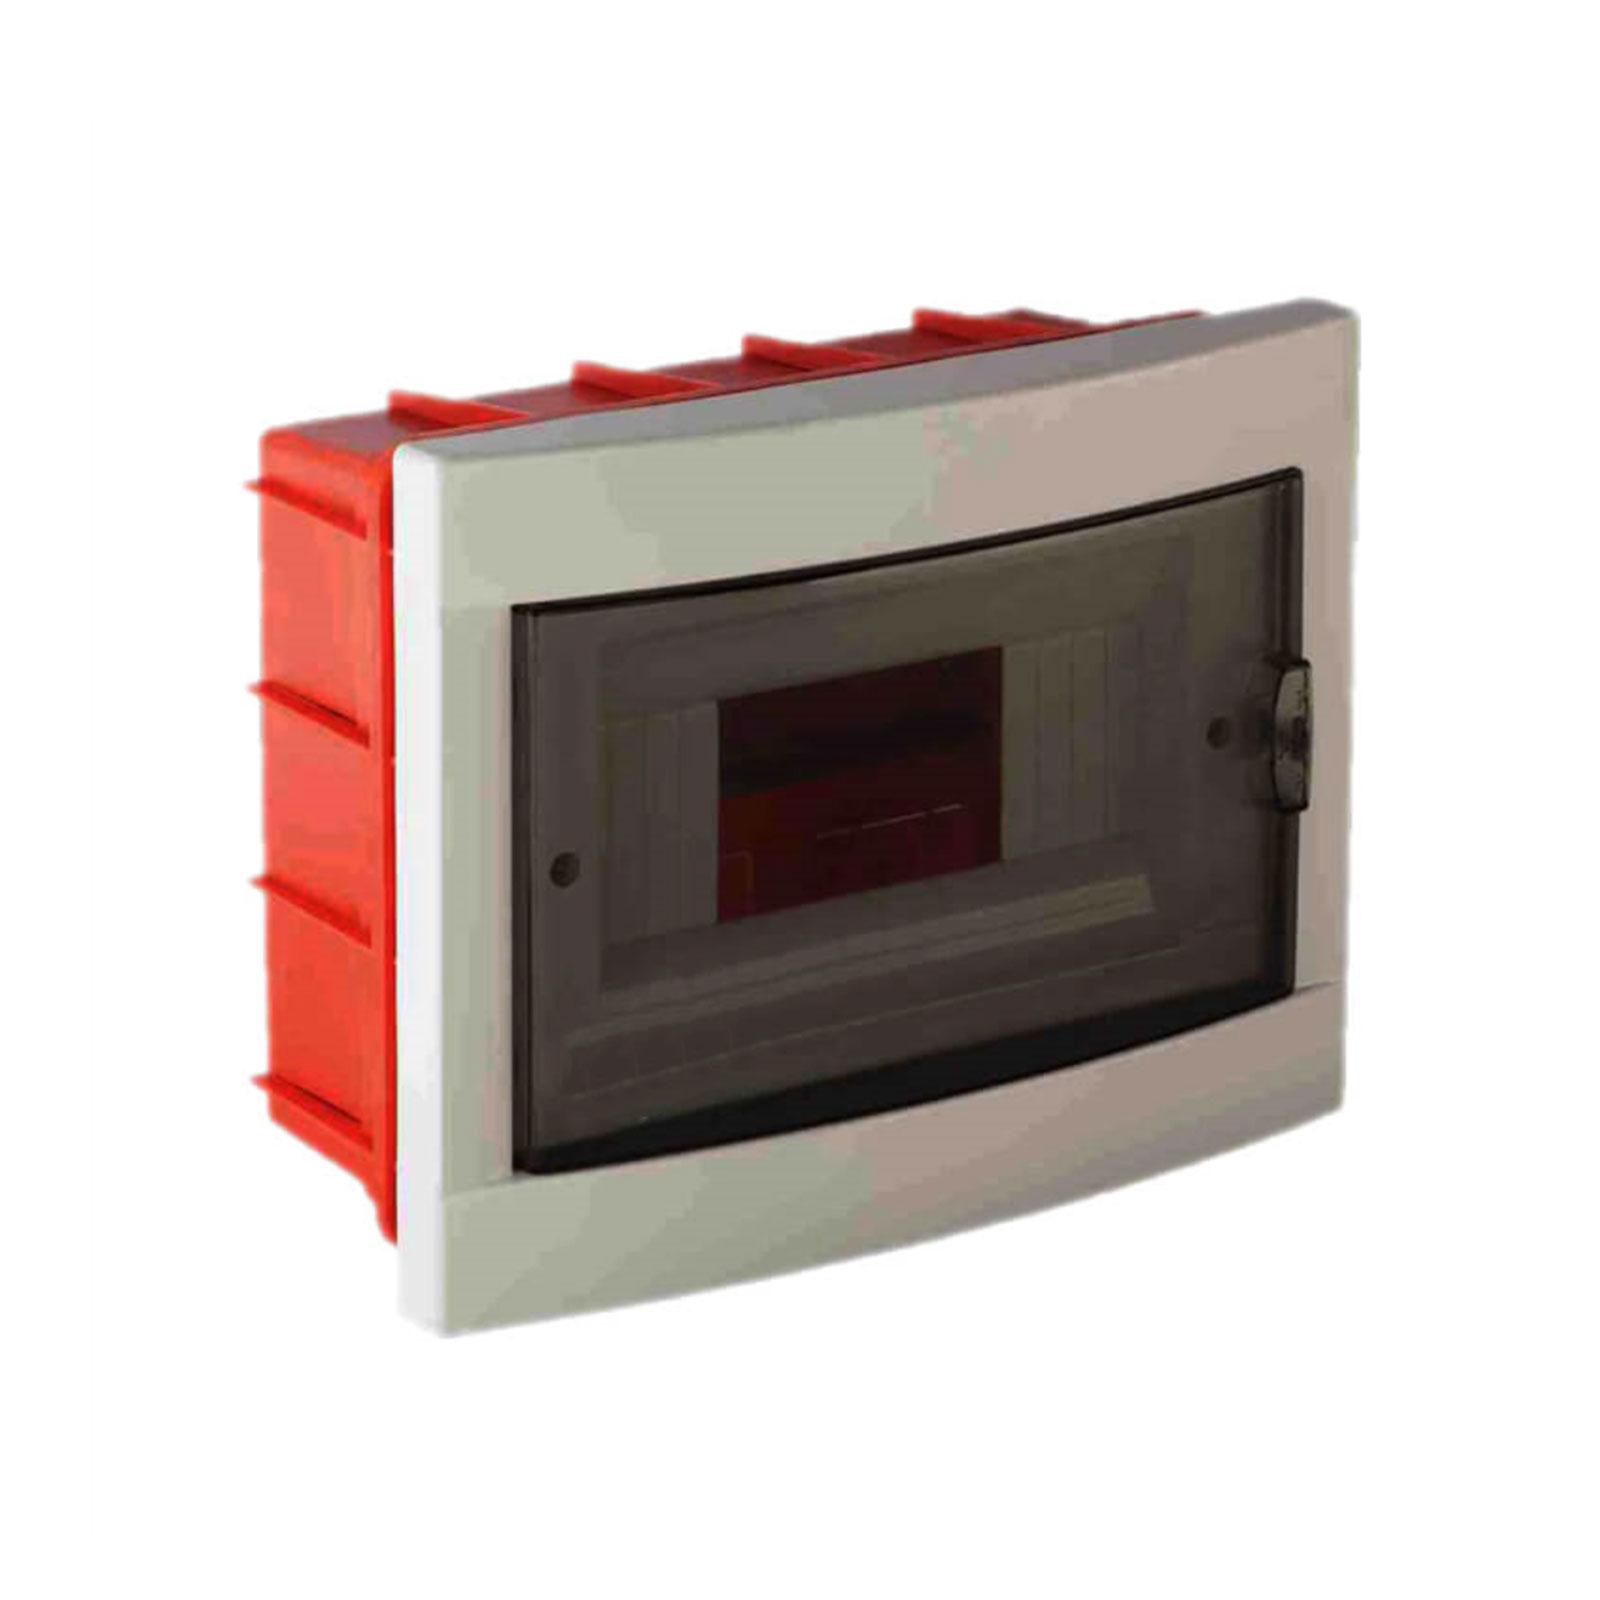 جعبه مینیاتوری 8 تایی ترک الکتریک مدل 2008